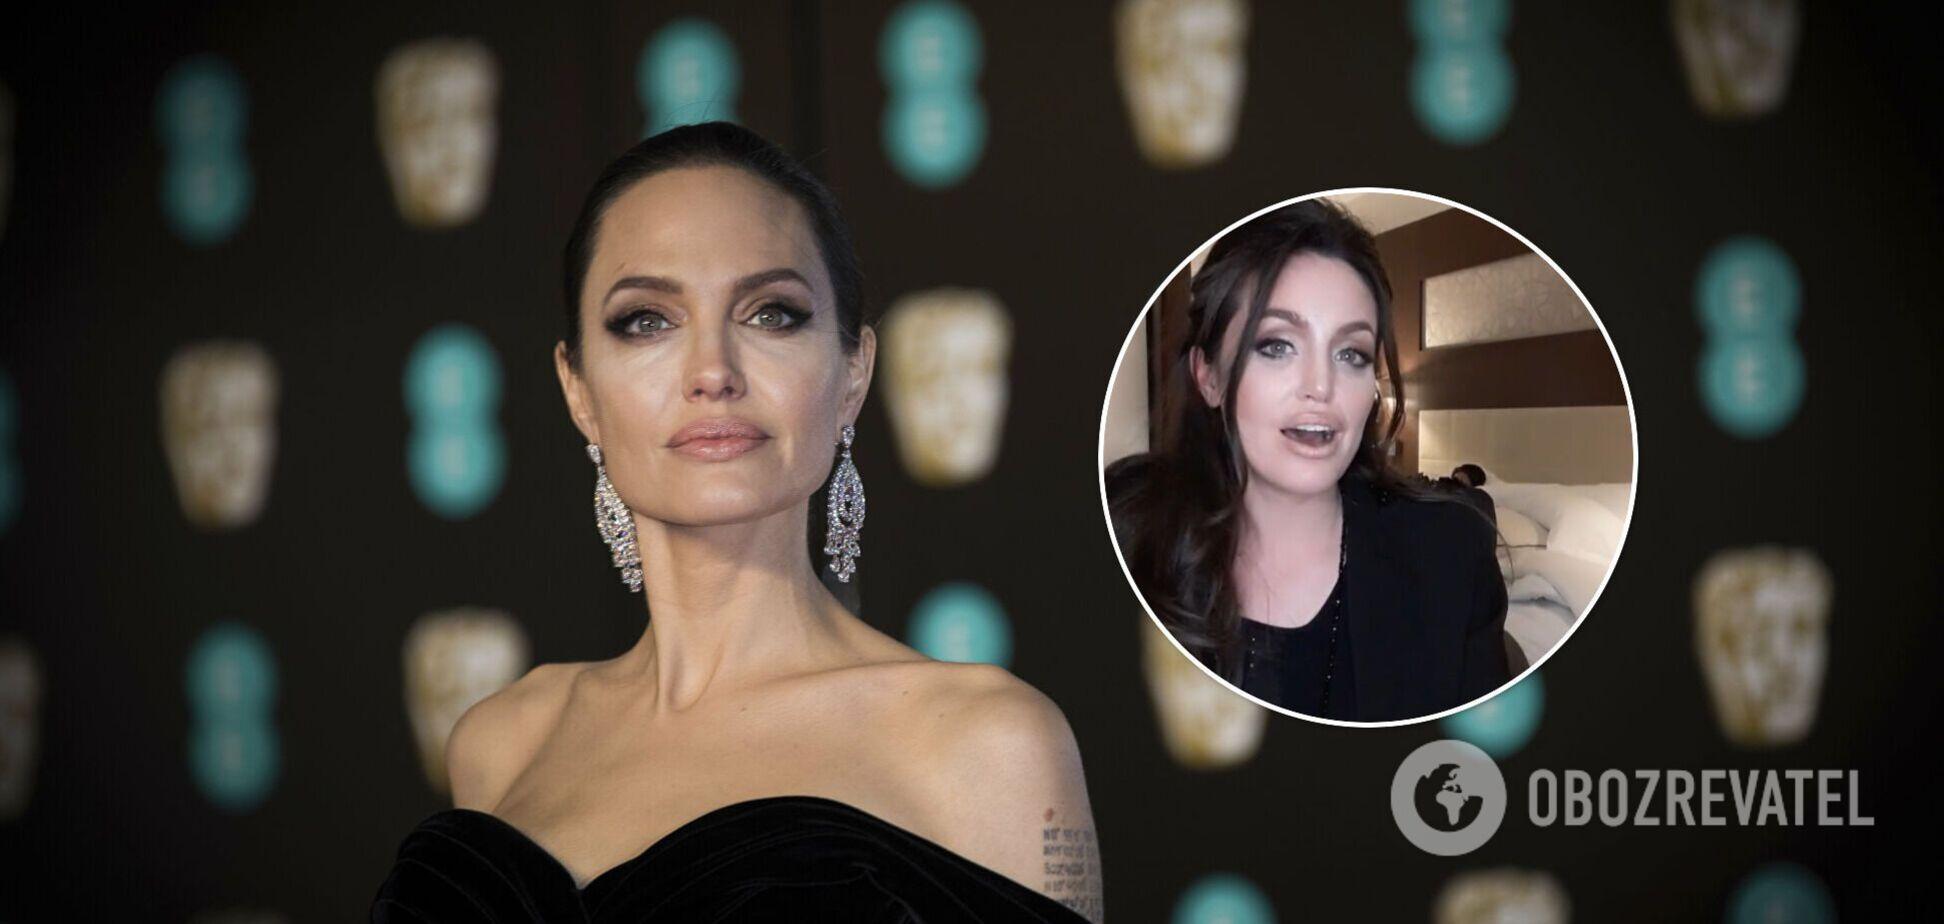 В сети нашли клона Анджелины Джоли: запутался бы даже Брэд Питт